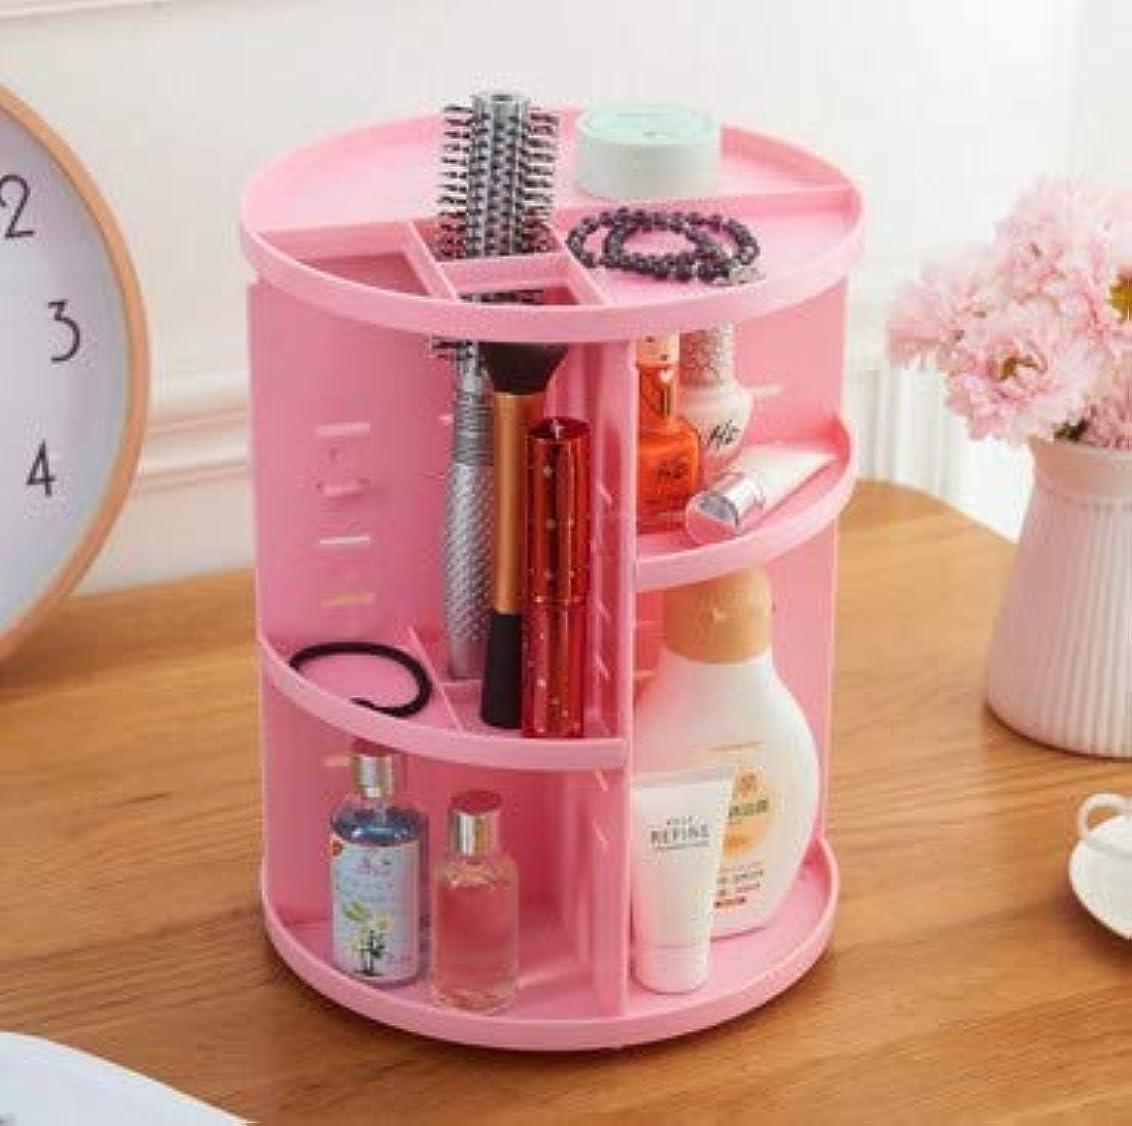 実証する明示的に不快デスクトップロータリー収納ボックス多機能プラスチックバスルーム仕上げボックス化粧品収納ボックス (Color : ピンク)